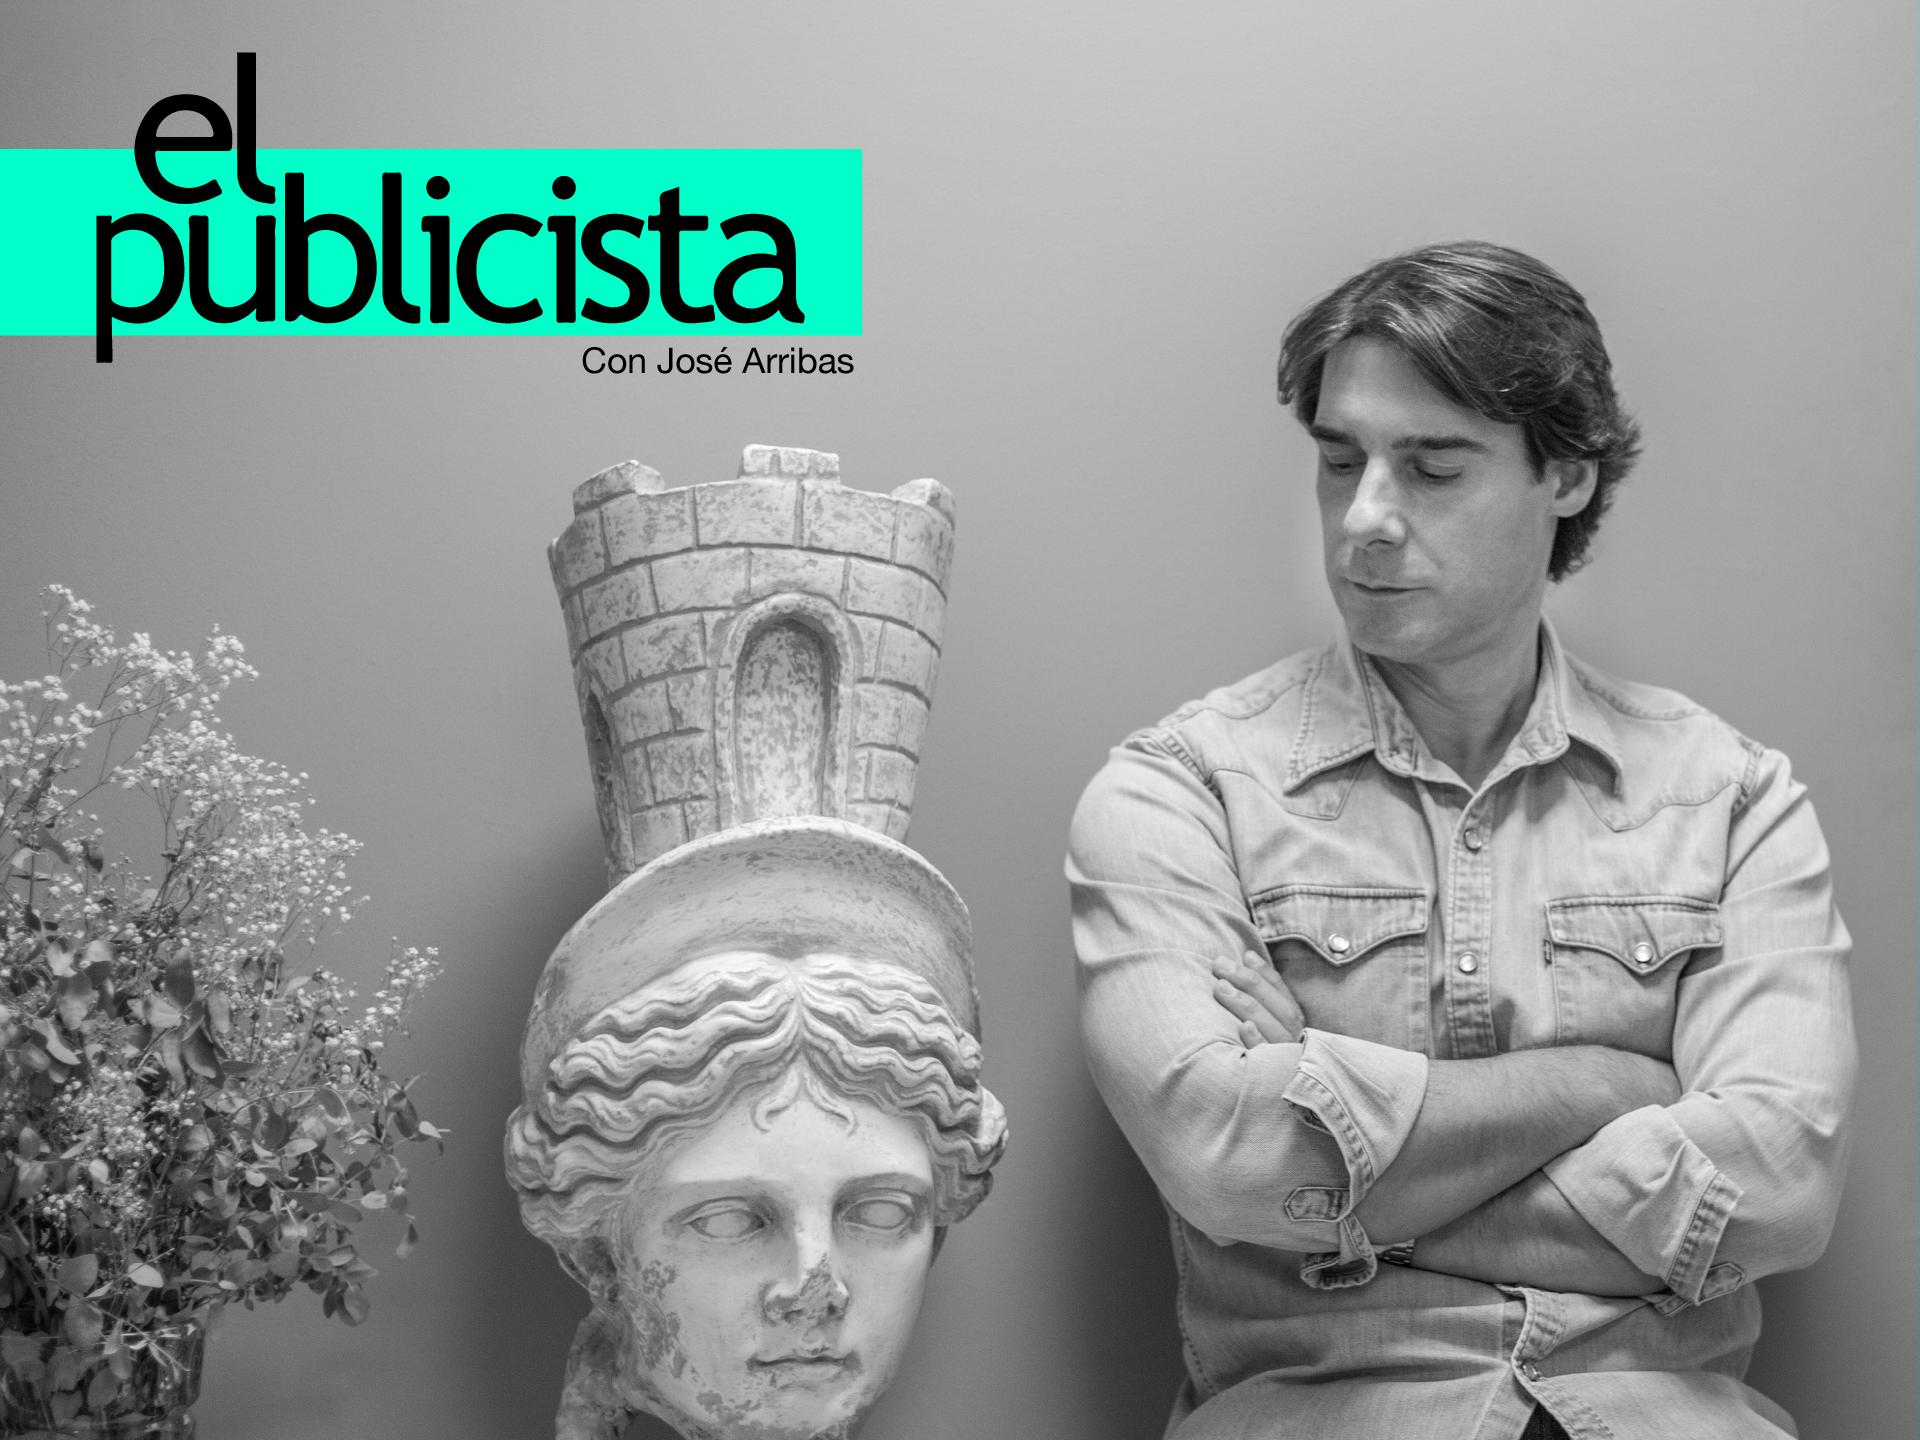 Nuevo artículo de José Arribas, Director de Parnaso, en El Publicista - Parnaso